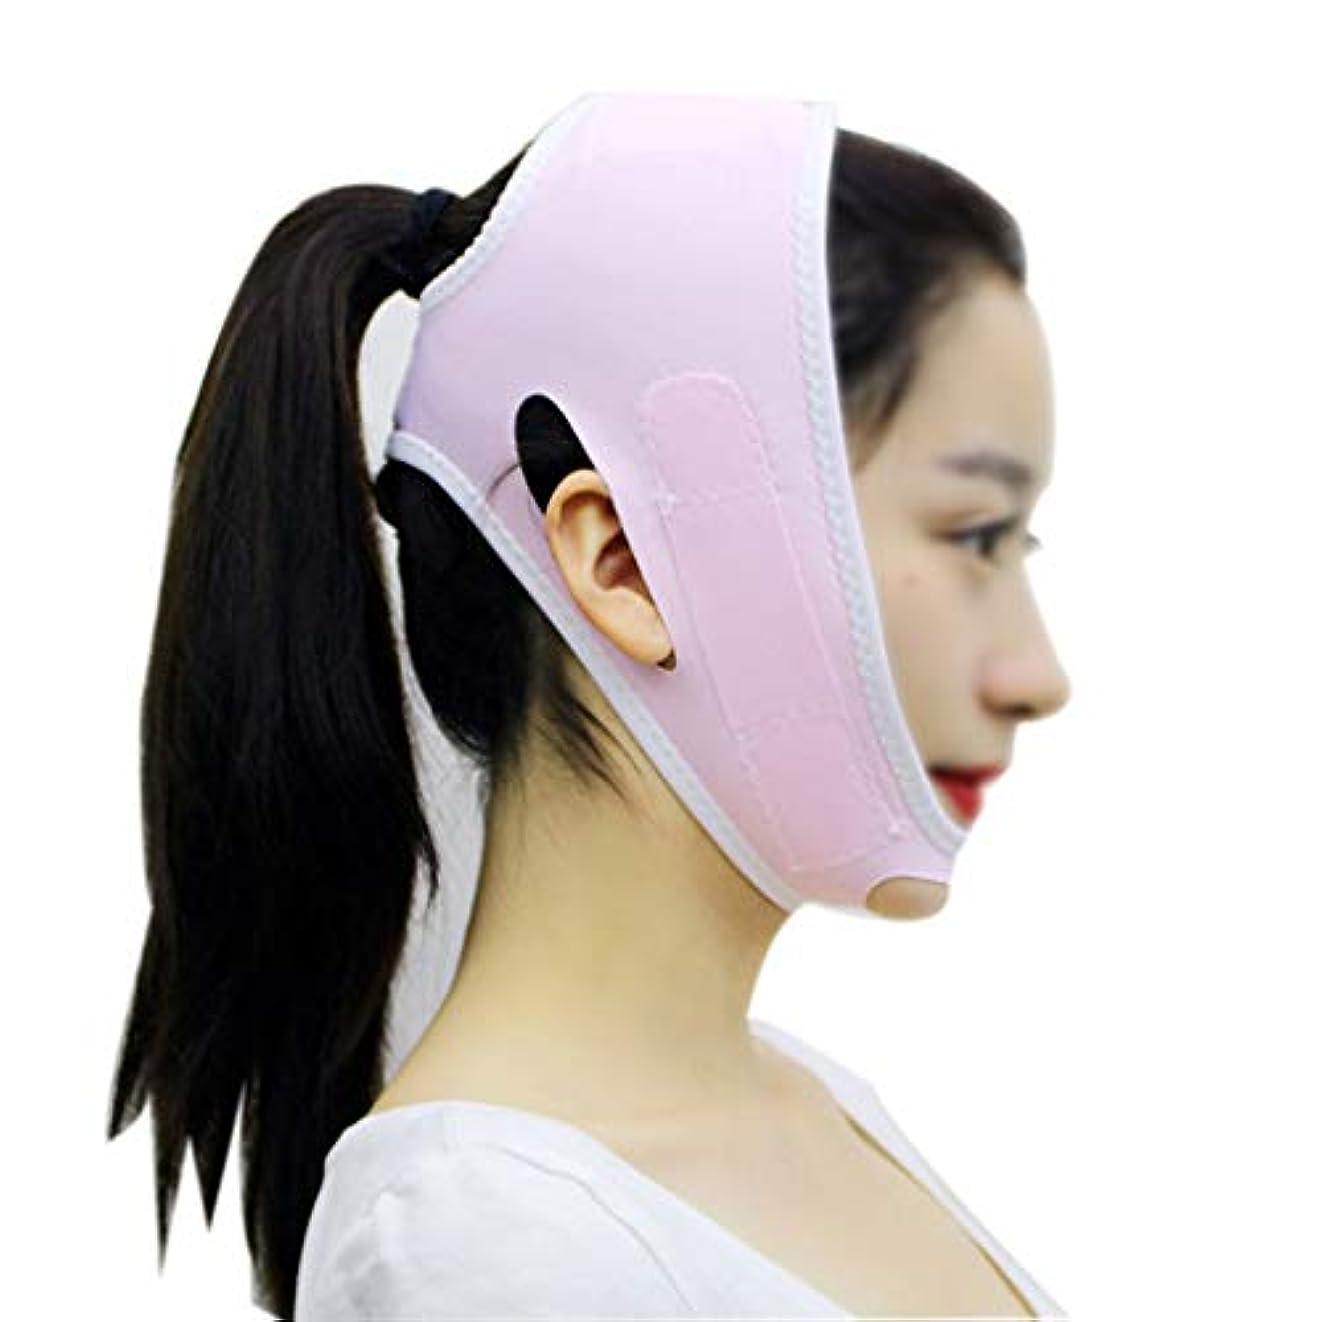 バイナリ私たちのもの痛いGLJJQMY 引き締め肌の薄い二重あごマスクを強化するためのフェイスリフティング包帯回復マスク 顔用整形マスク (Color : Pink)